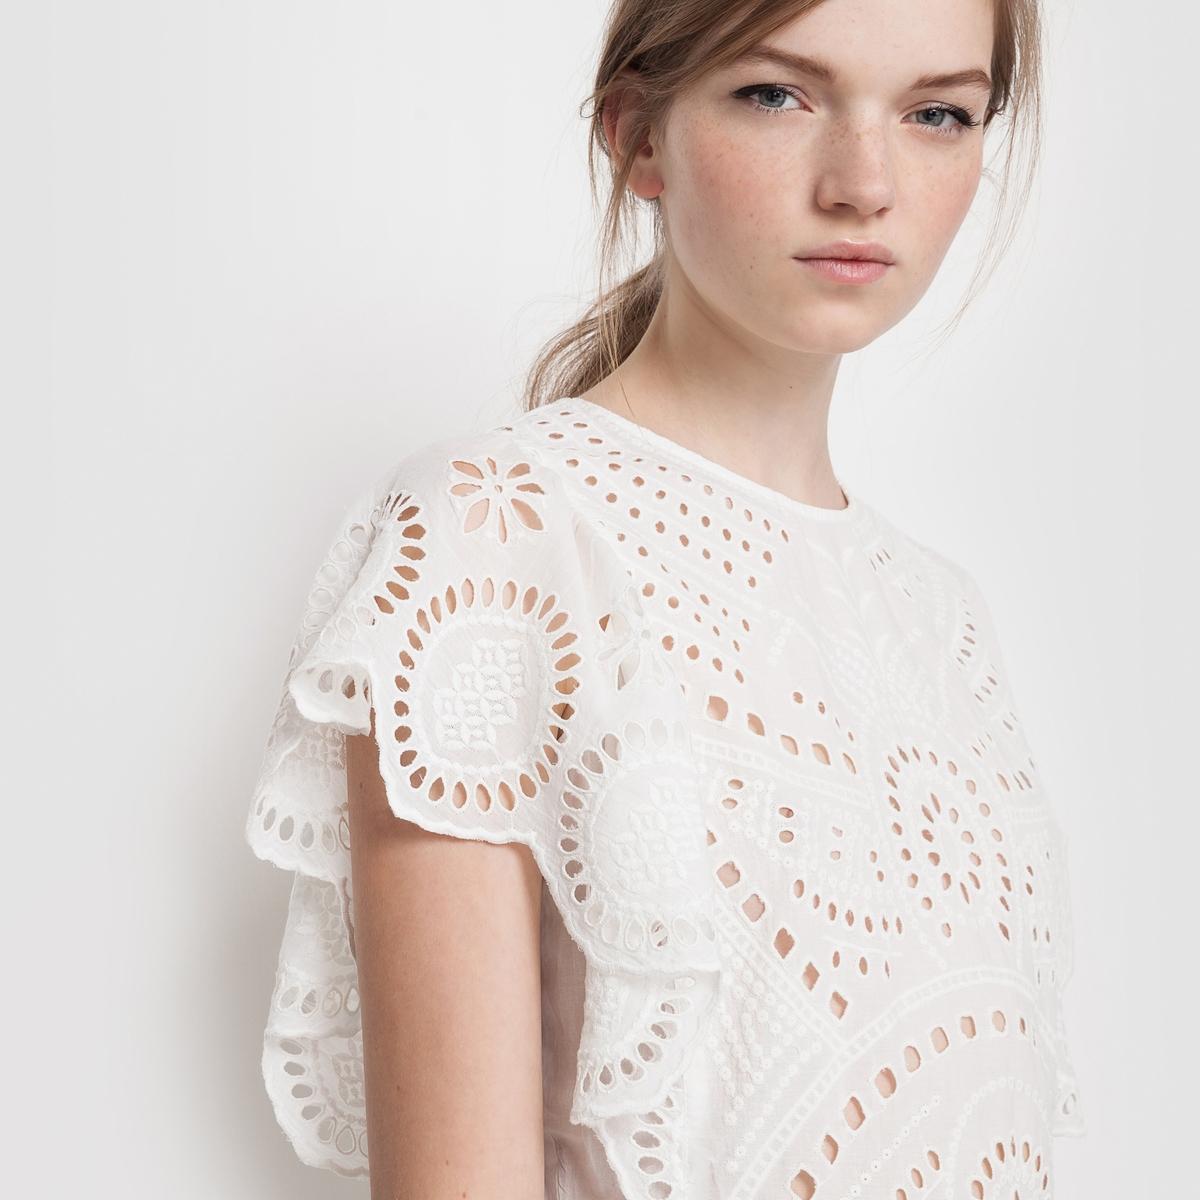 Платье с вышивкойПлатье. Красивый расшитый материал, широкий покрой! Верх с вышивкой. Вырез-капелька с застежкой на пуговицу сзади.Состав и деталиМатериал: 100% хлопкаДлина 90 смБренд: Mademoiselle R<br><br>Цвет: слоновая кость<br>Размер: 40 (FR) - 46 (RUS)